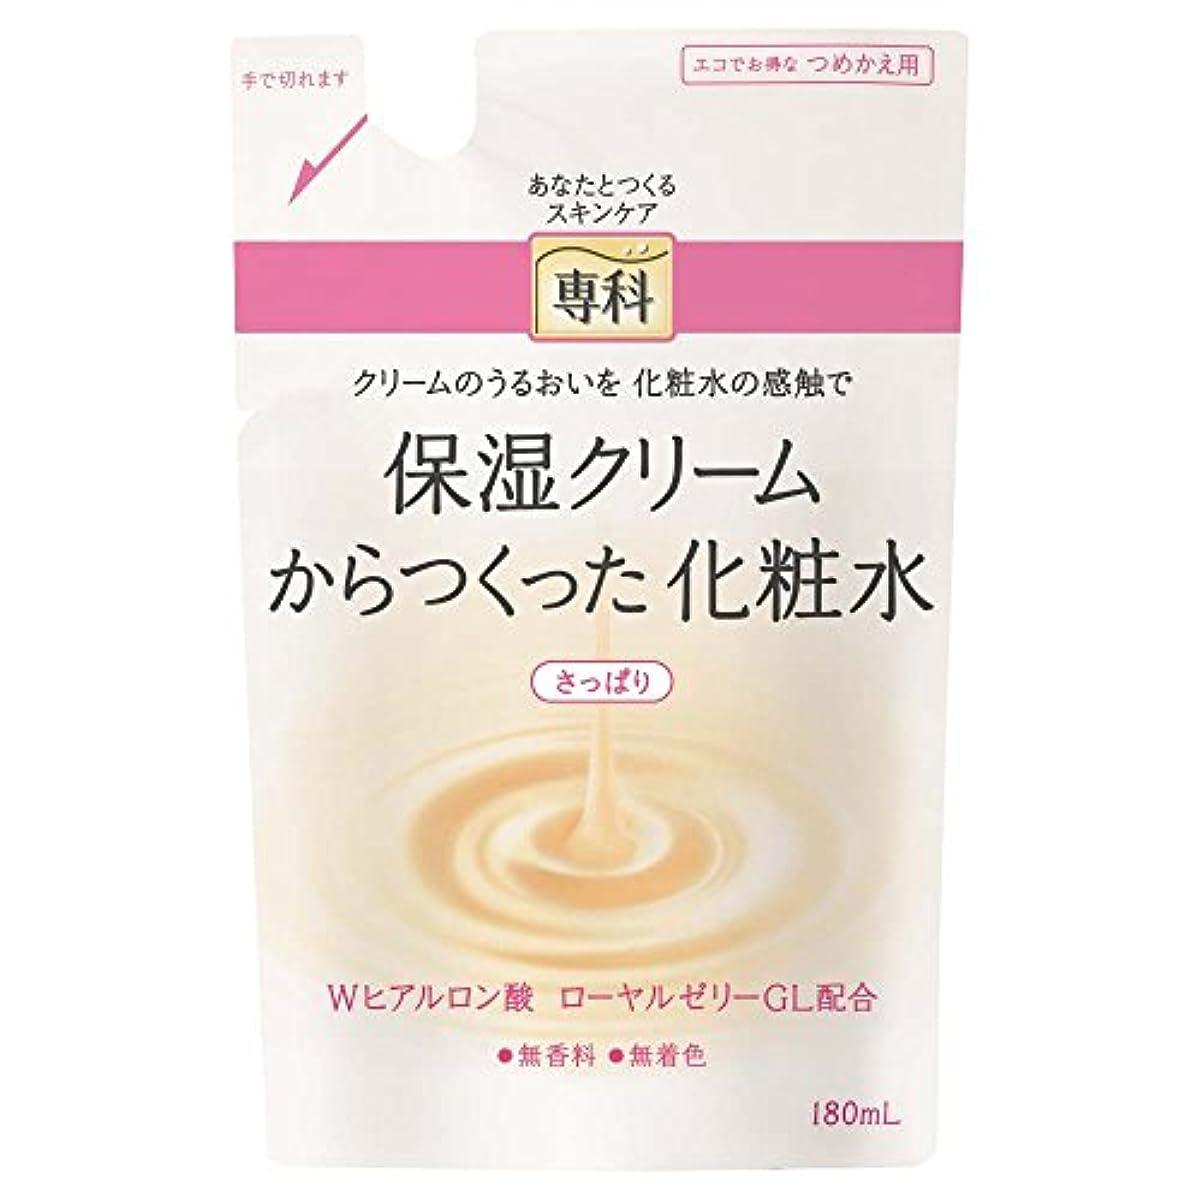 起きて一元化する空白専科 保湿クリームからつくった化粧水 さっぱり 180ml